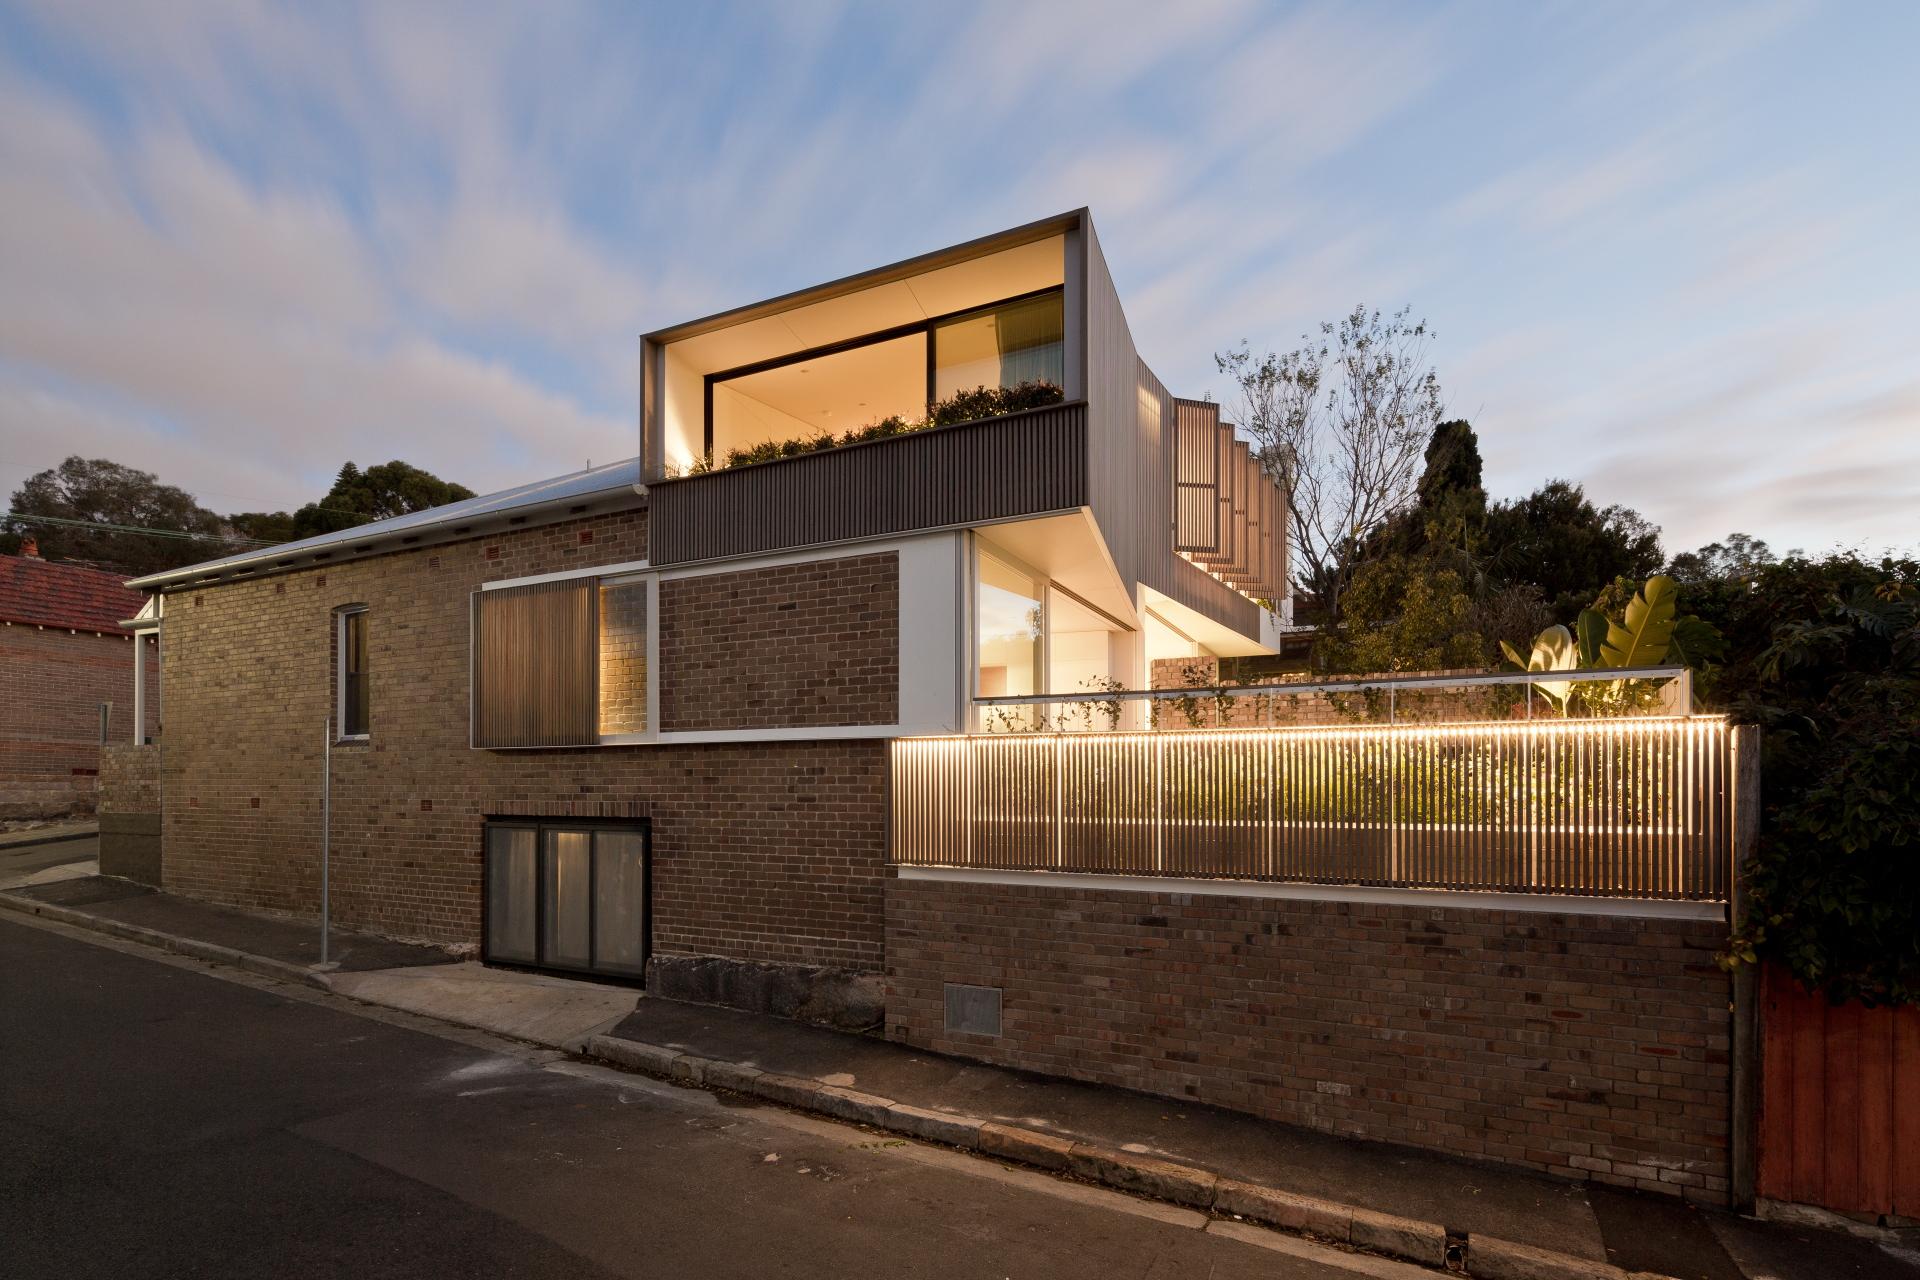 Balmain Houses by Benn & Penna